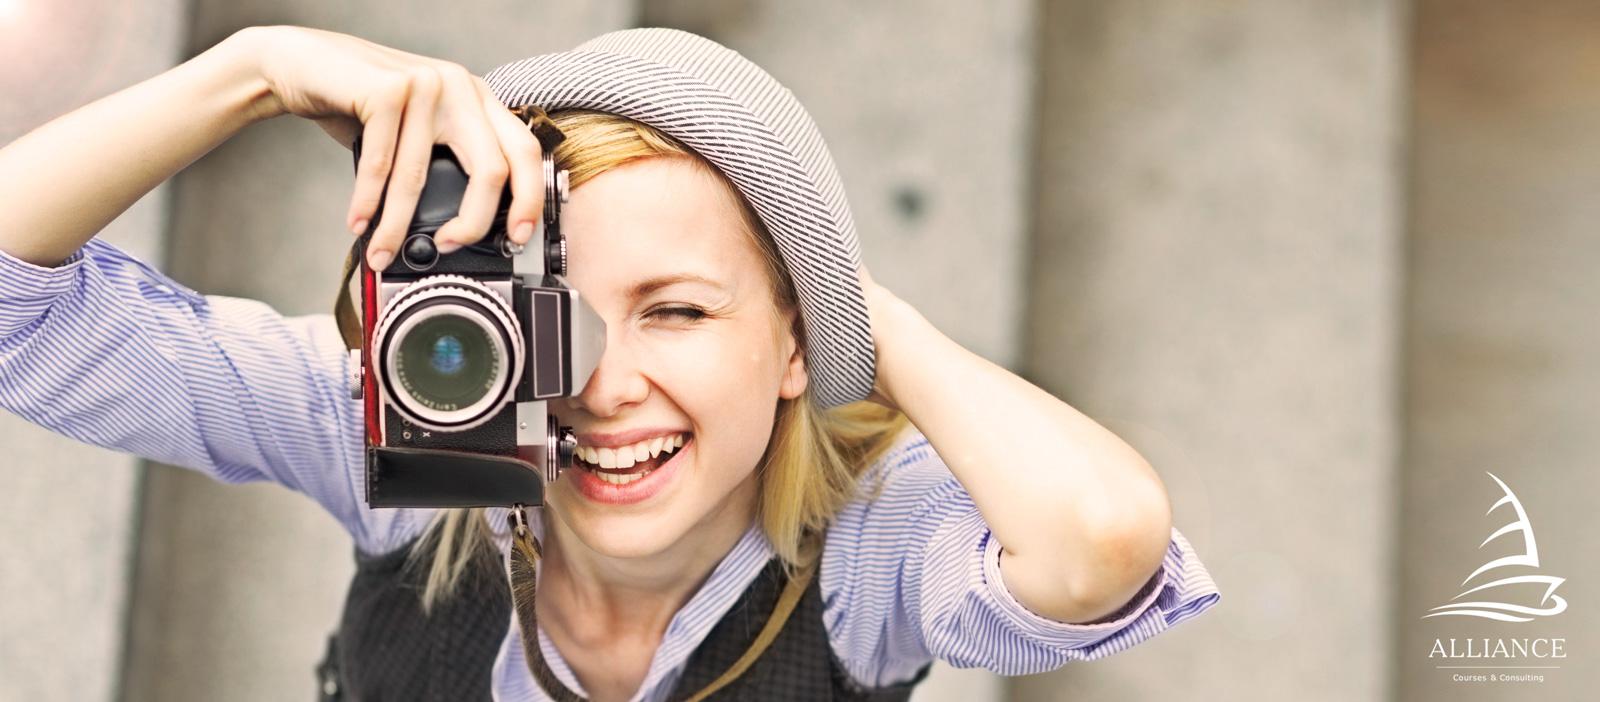 вам какие фотокурсы выбрать в москве вам светлого разума